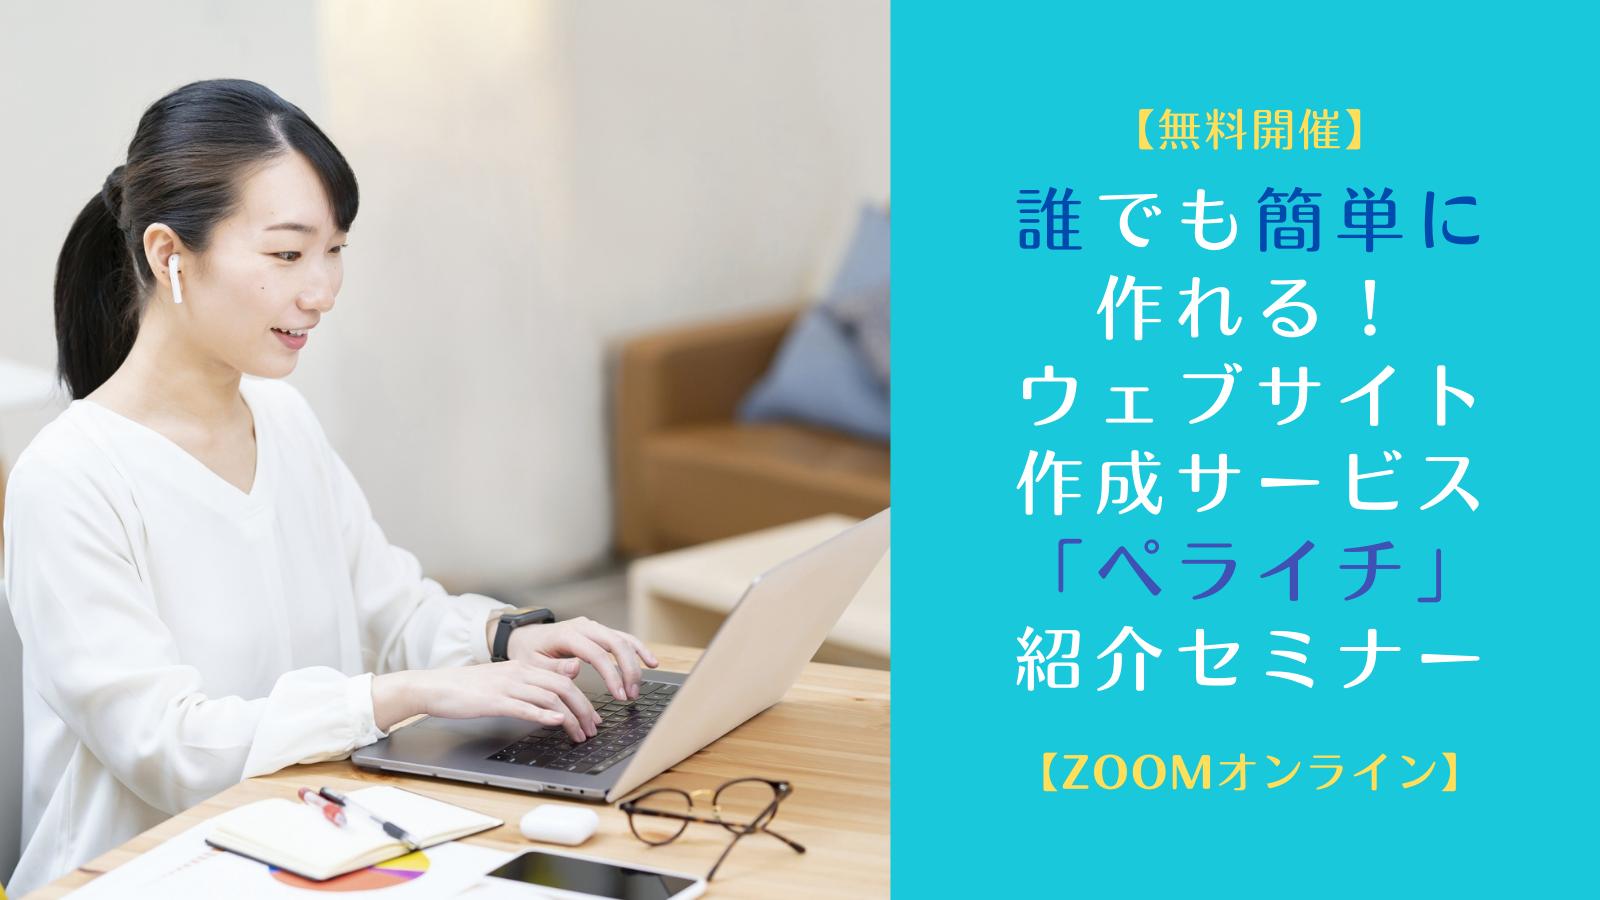 ペライチ紹介セミナー(無料)